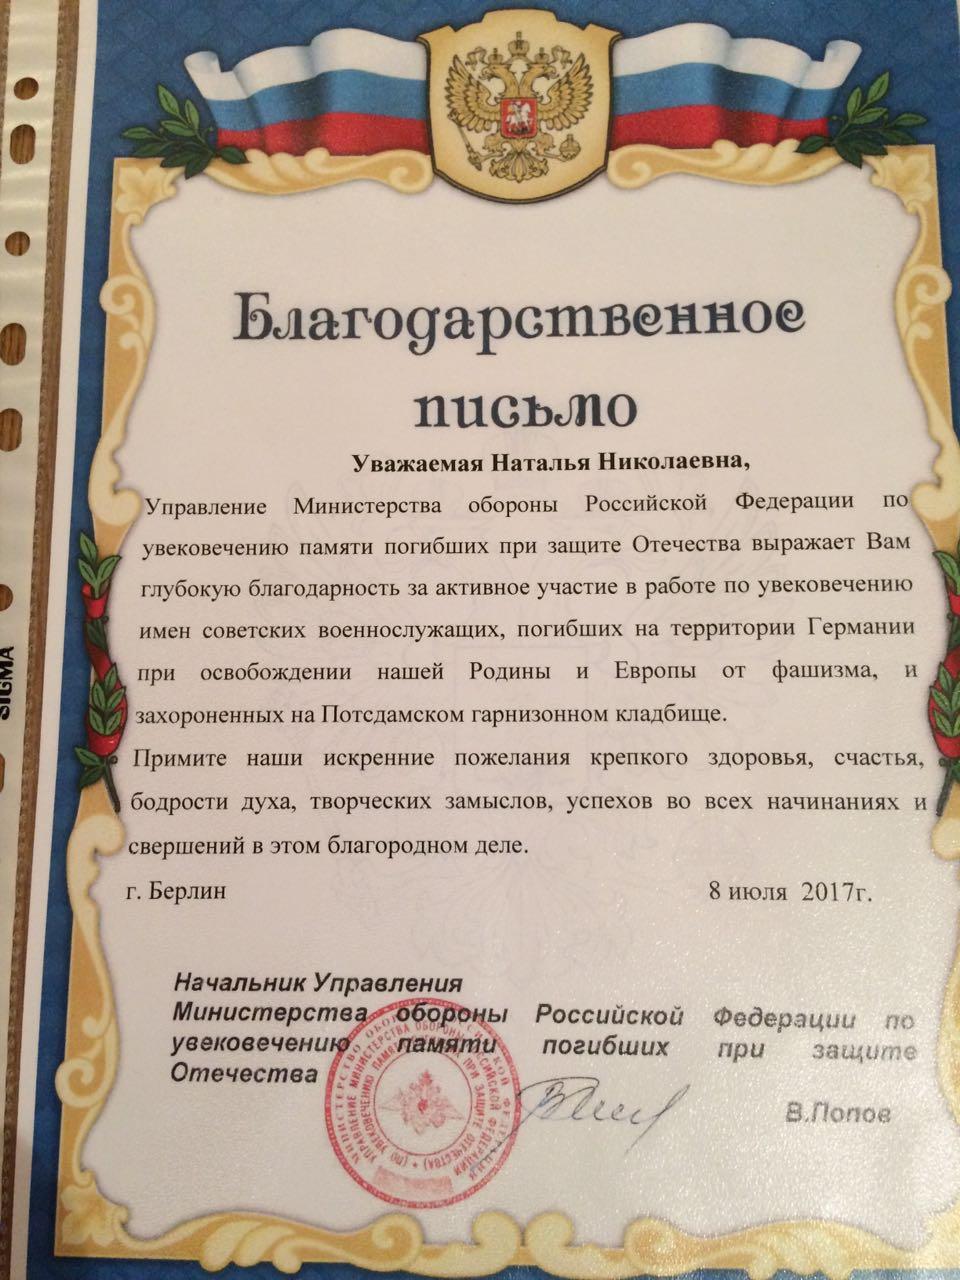 Сегодня, наш друг Йенс и его жена Наташа, получили благодарственное письмо от Мин Обороны РФ